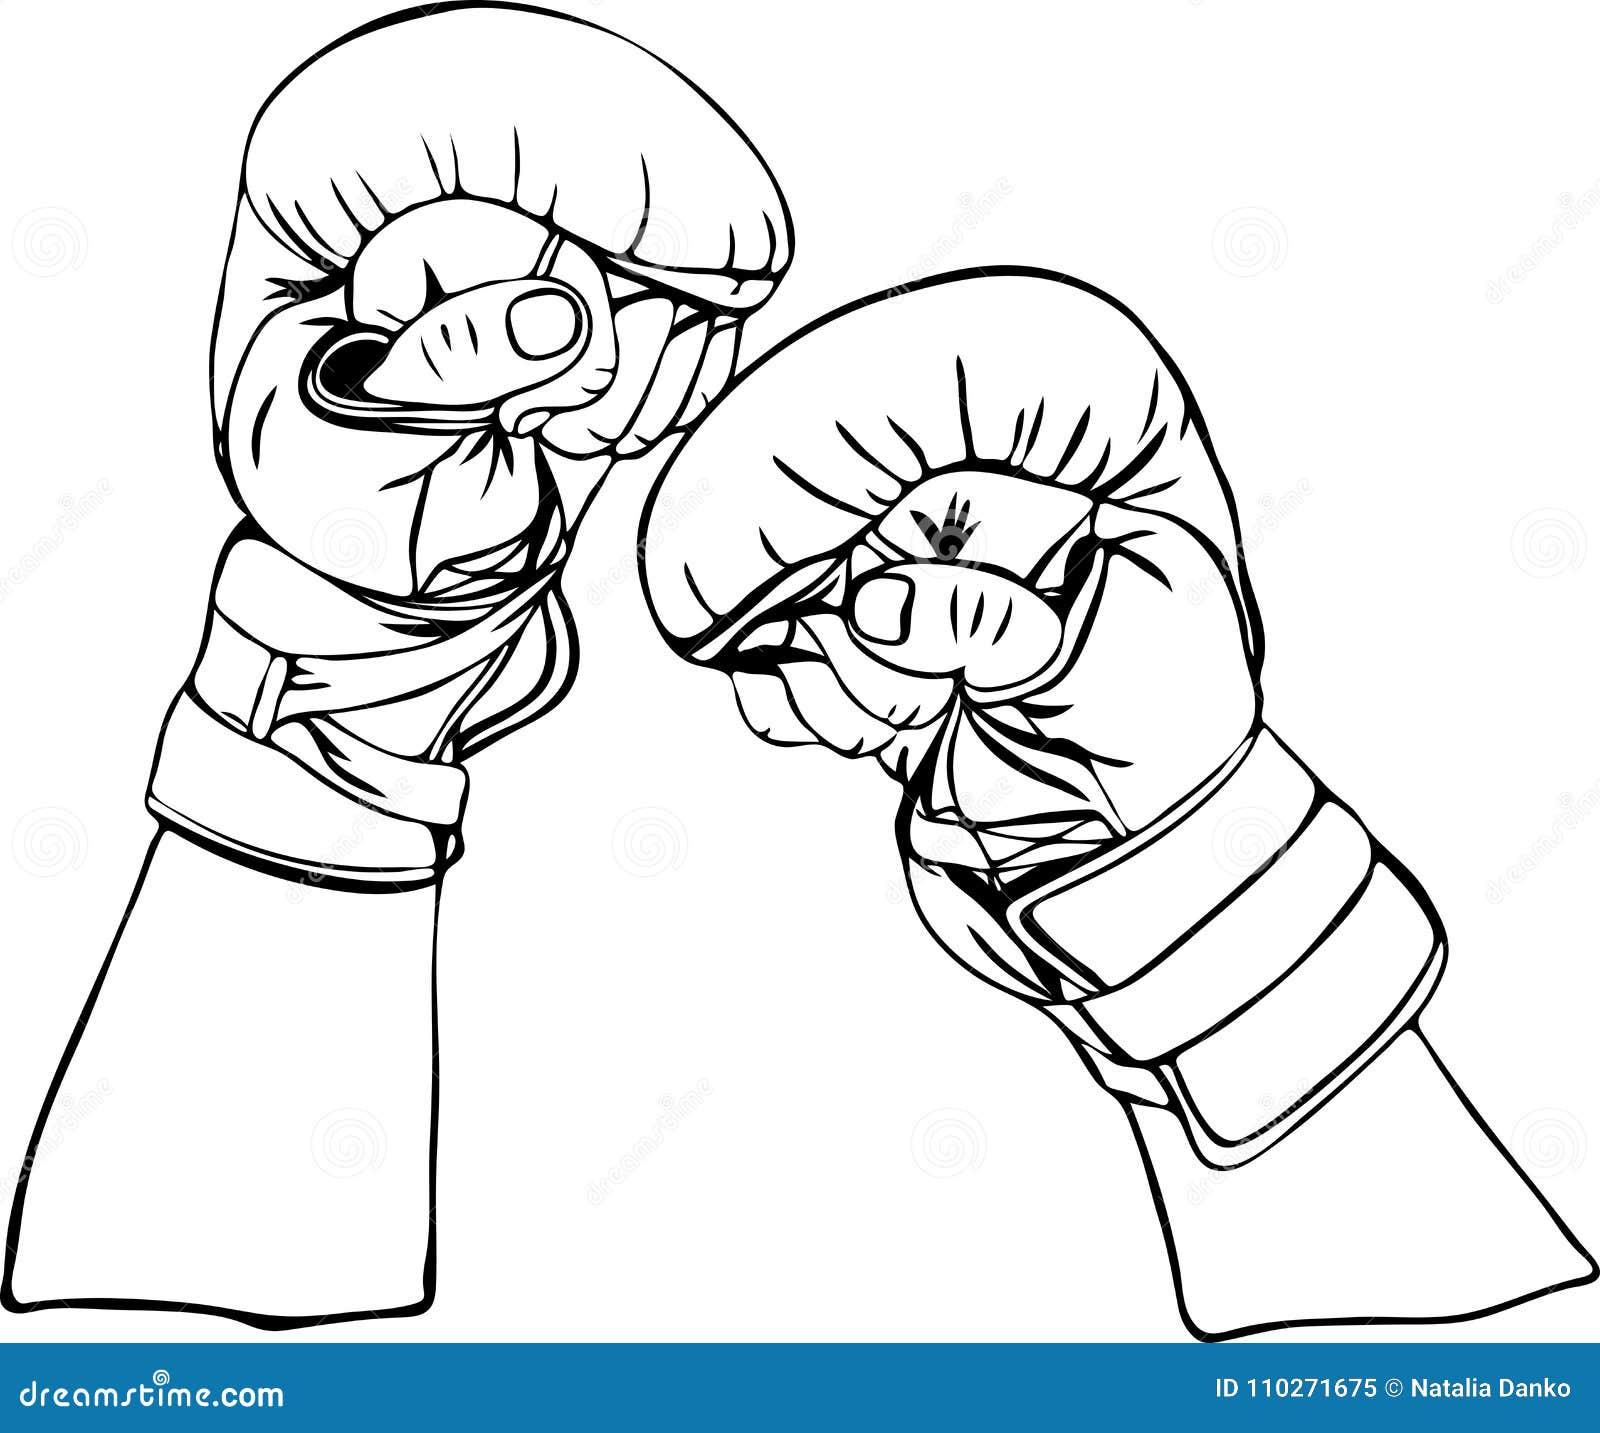 dibujo del contorno de manos en guantes de boxeo ilustración del